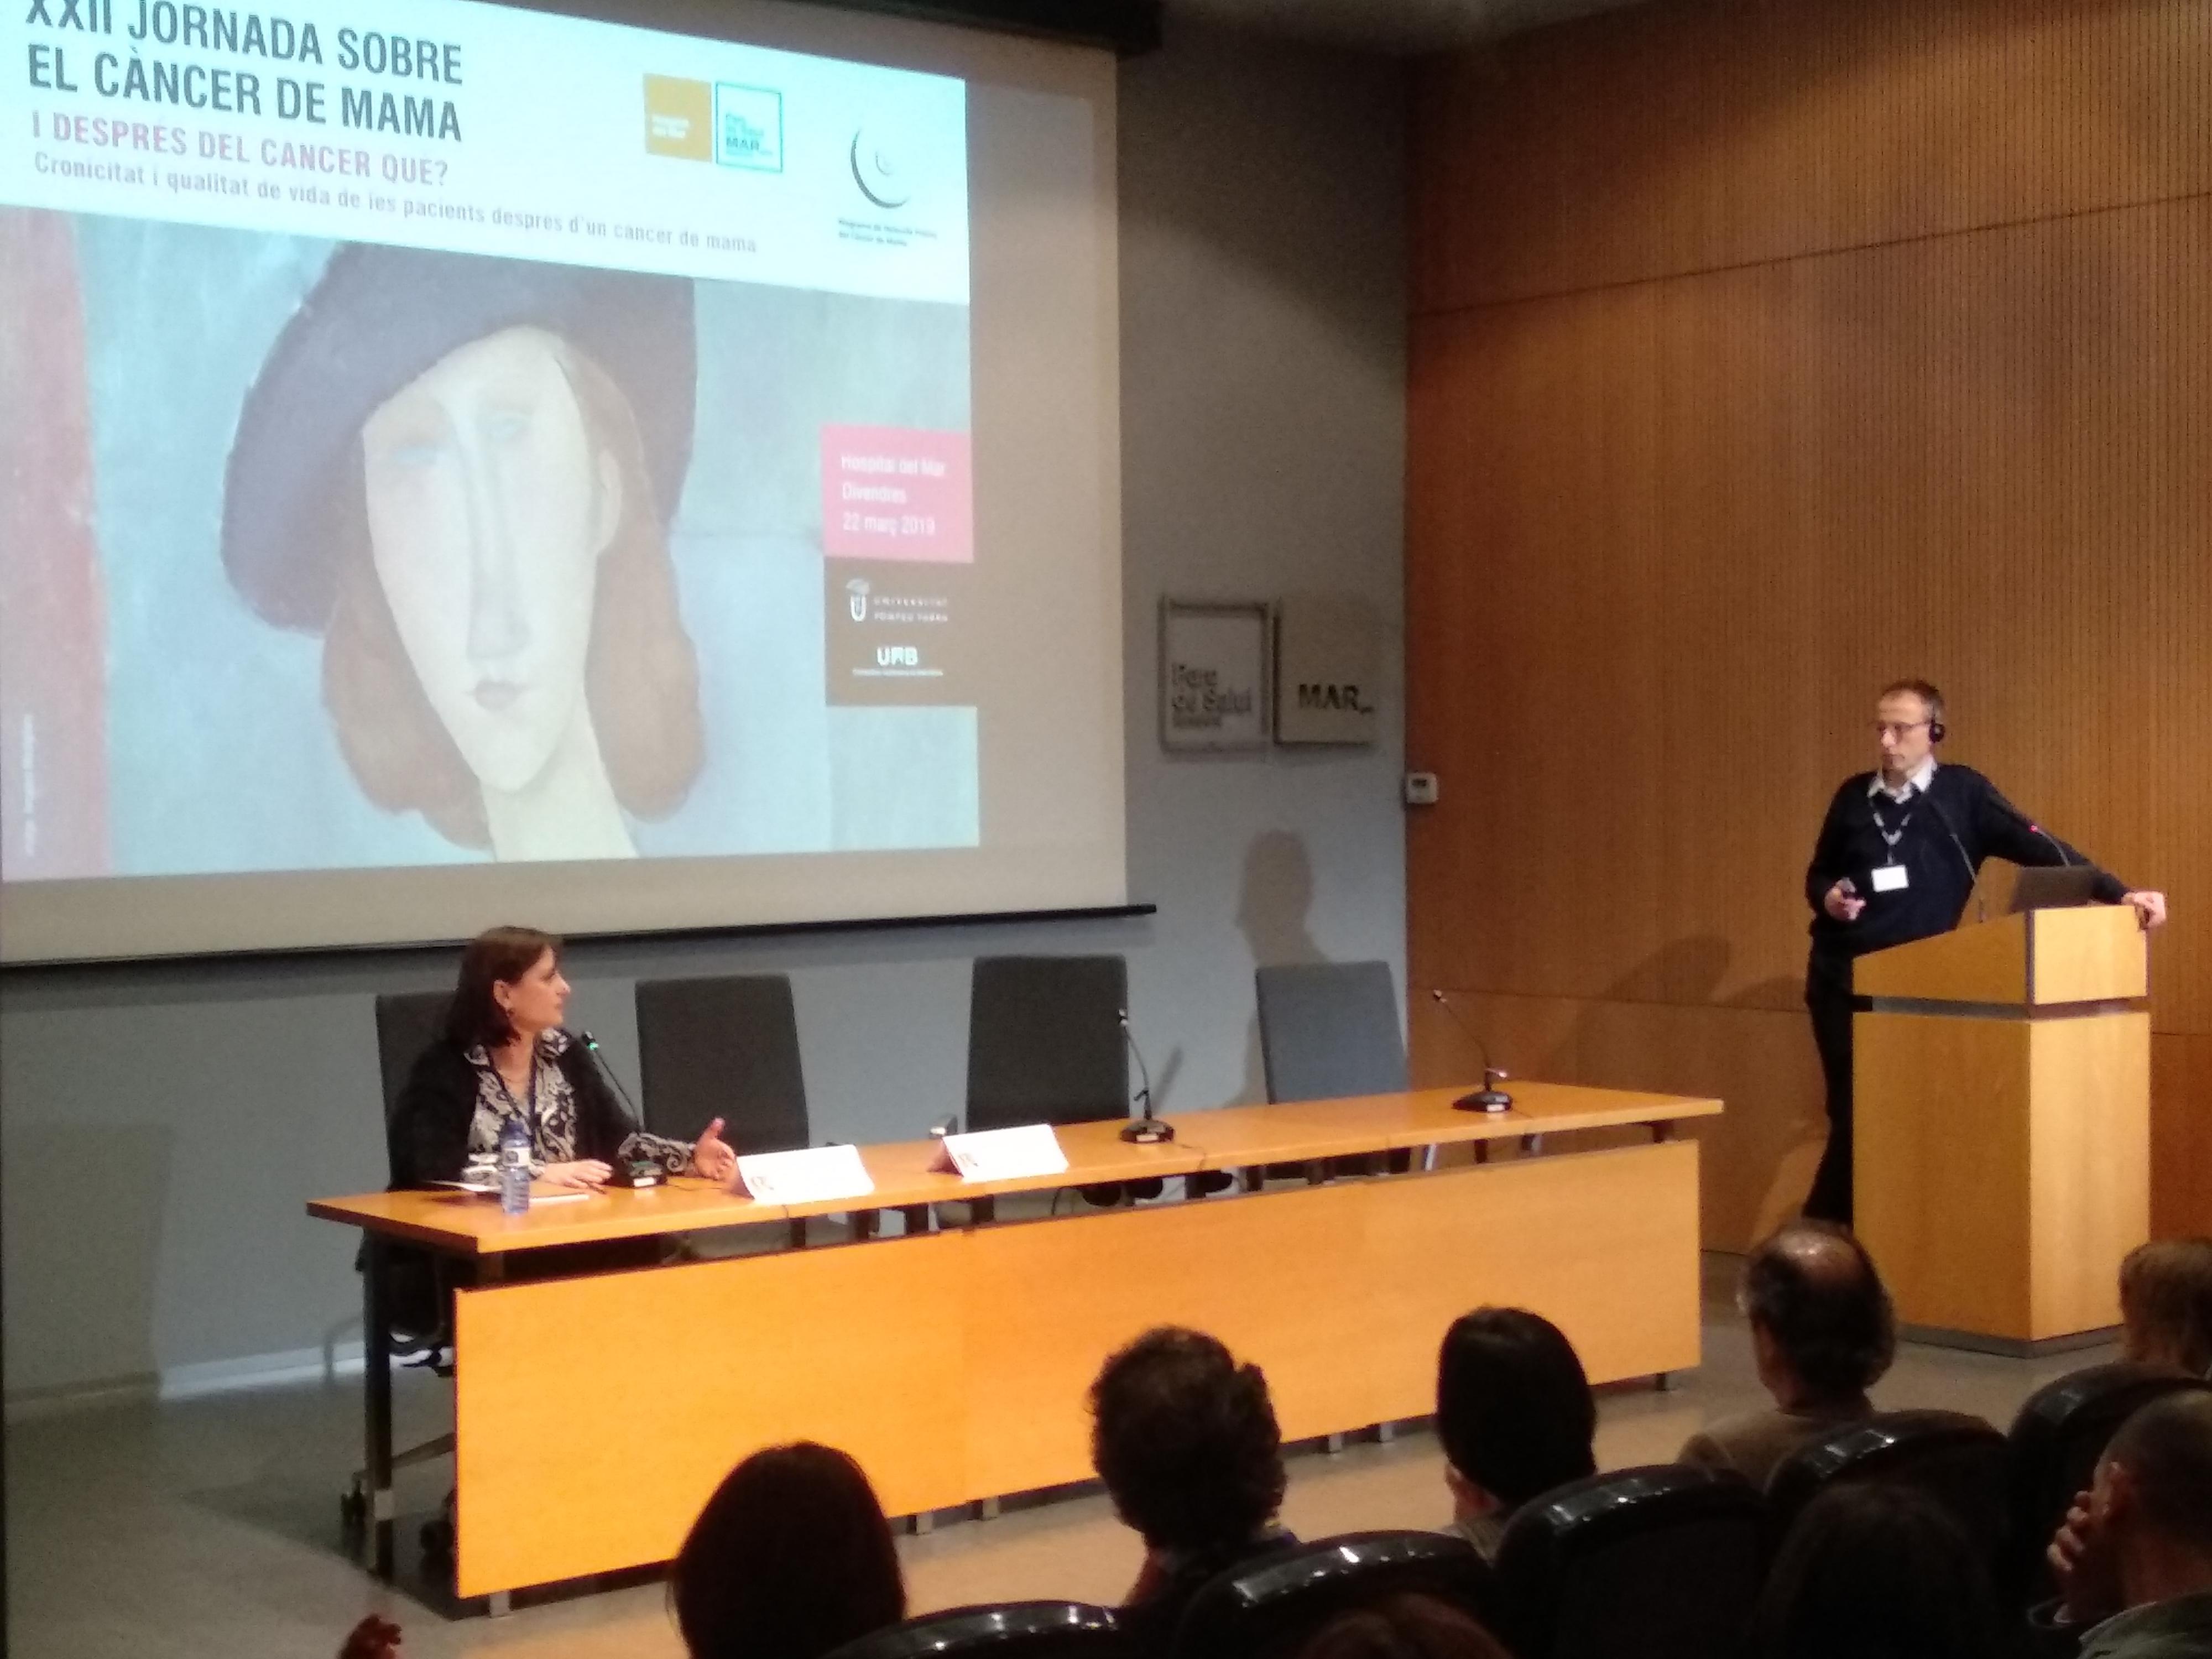 Mar Vernet, Cap de Secció de Ginecologia de l'Hospital del Mar, va inaugurar l'acte donant pas a l'epidemiòleg especialista en càncer de mama, John Browne.